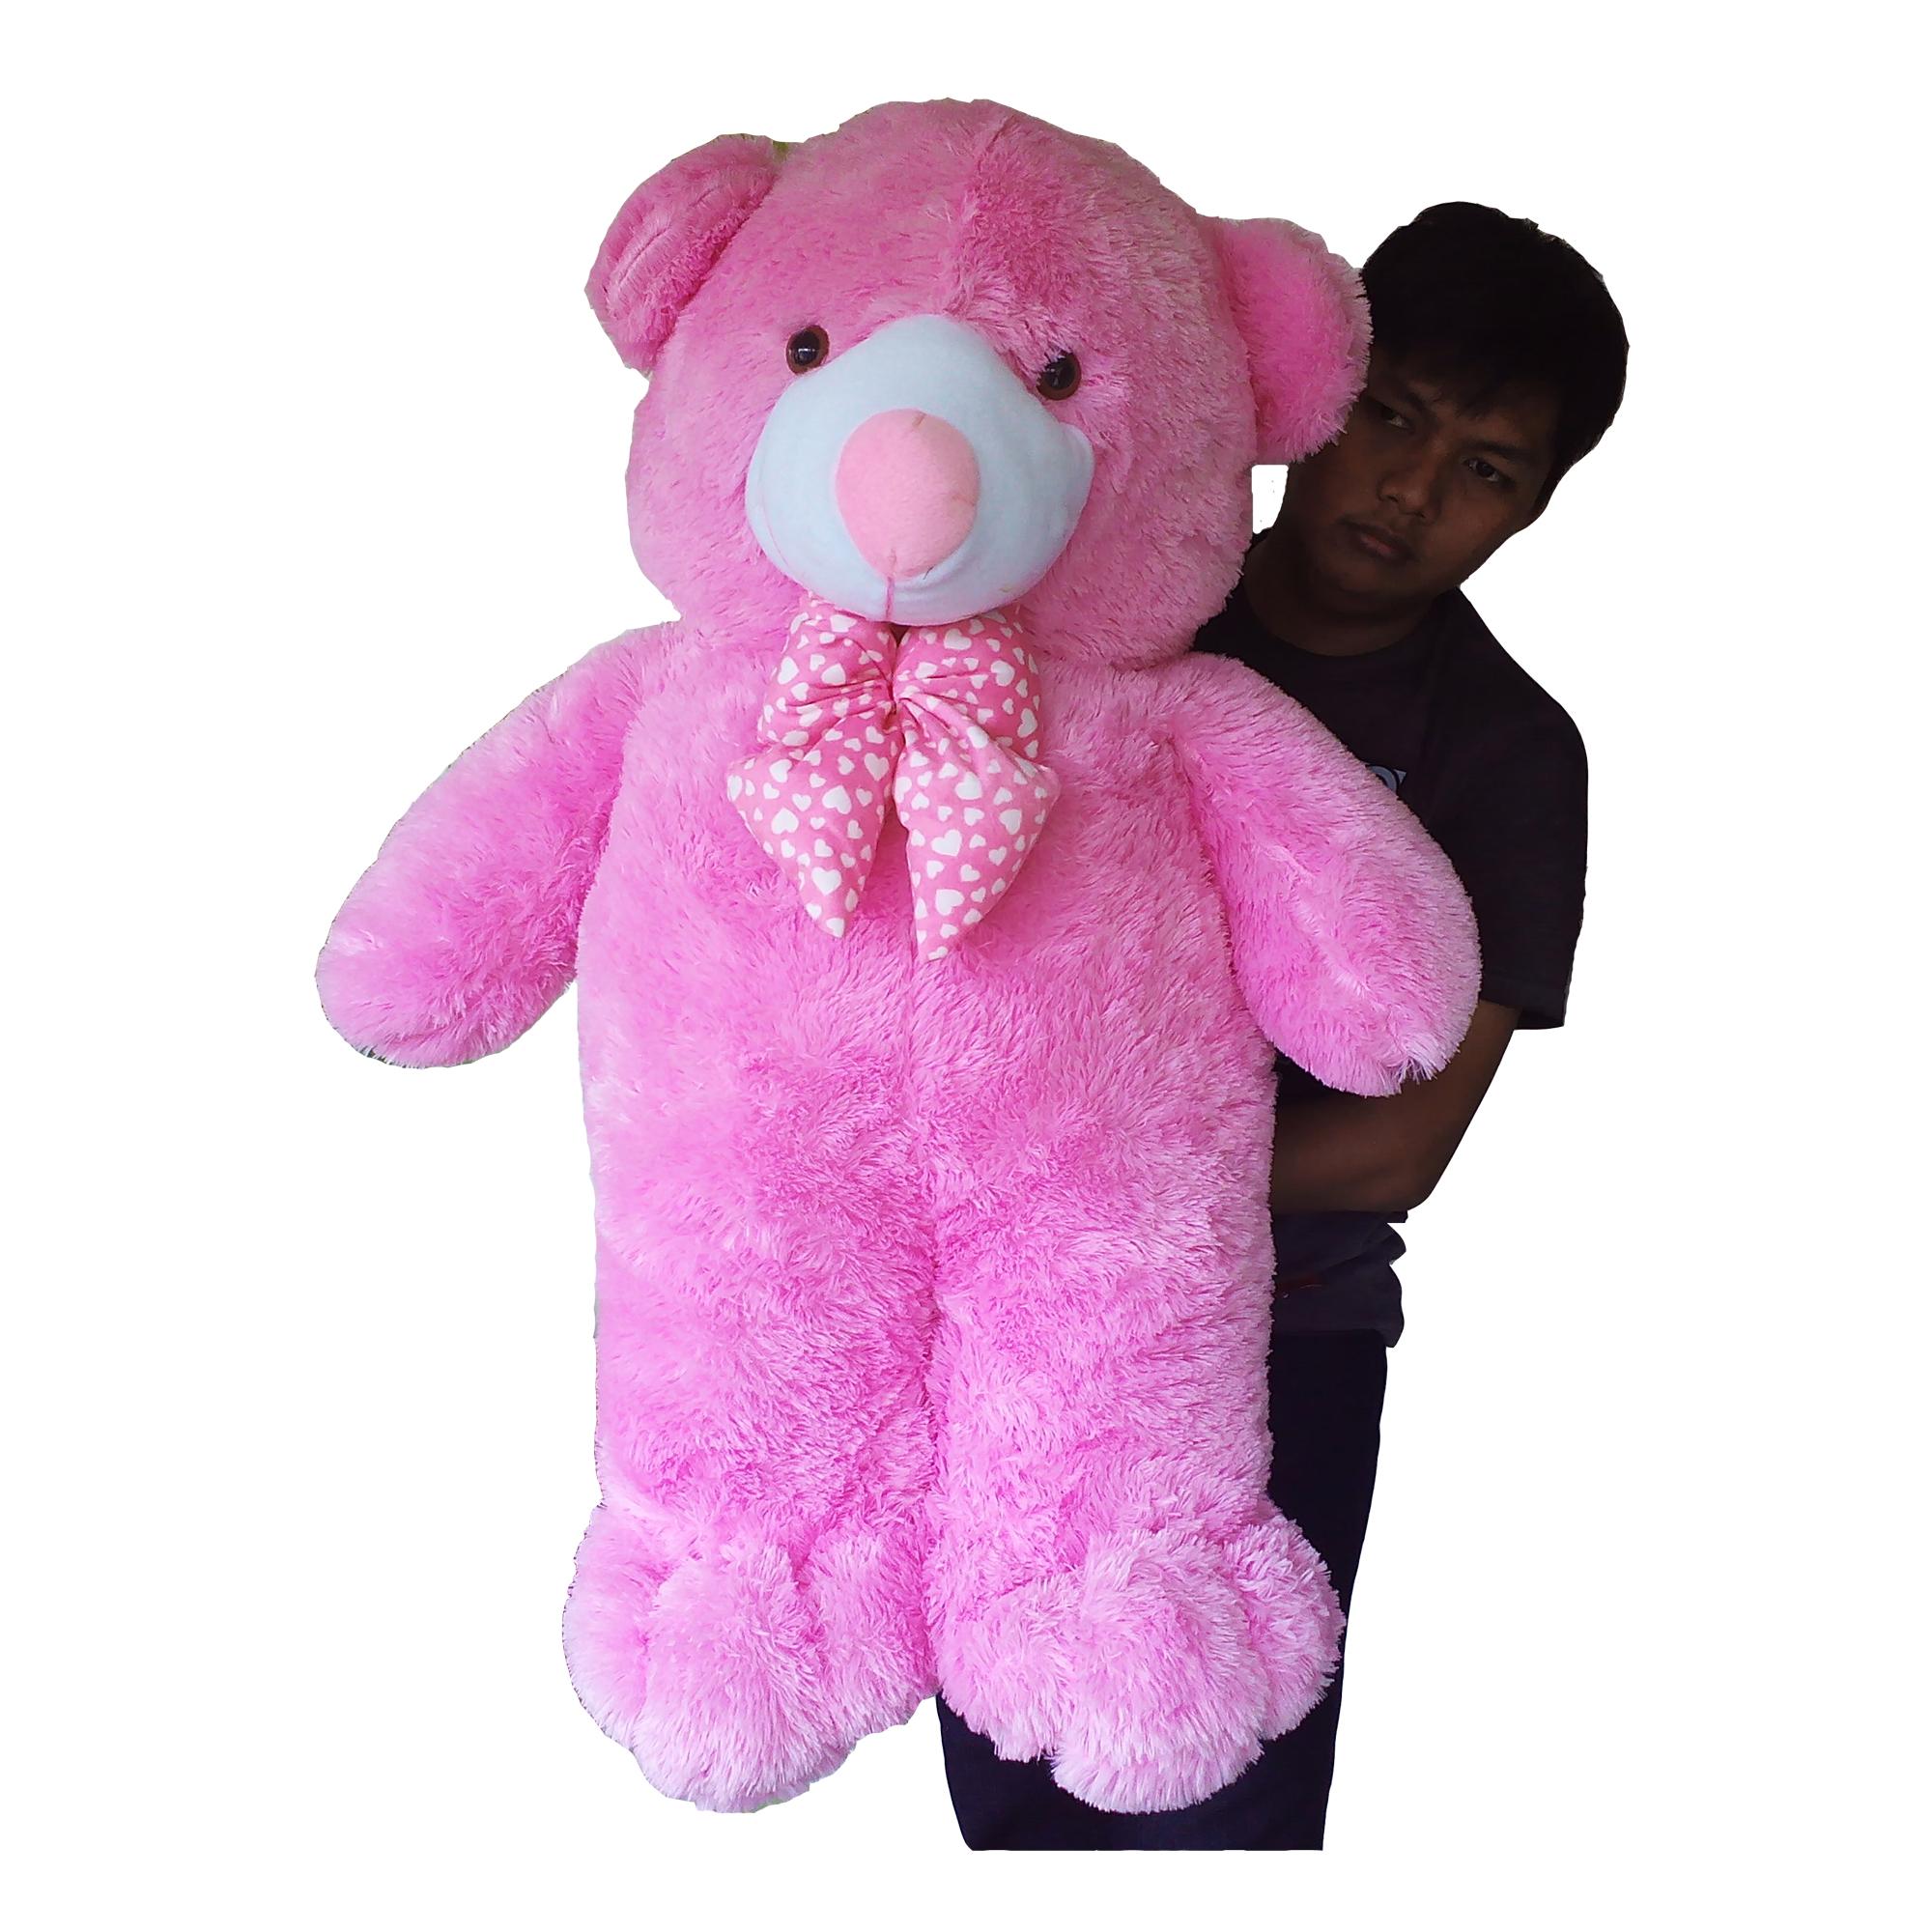 Jual Boneka Teddy Bear Jumbo Pink Raja Boneka Tokopedia 59ca07f7e5